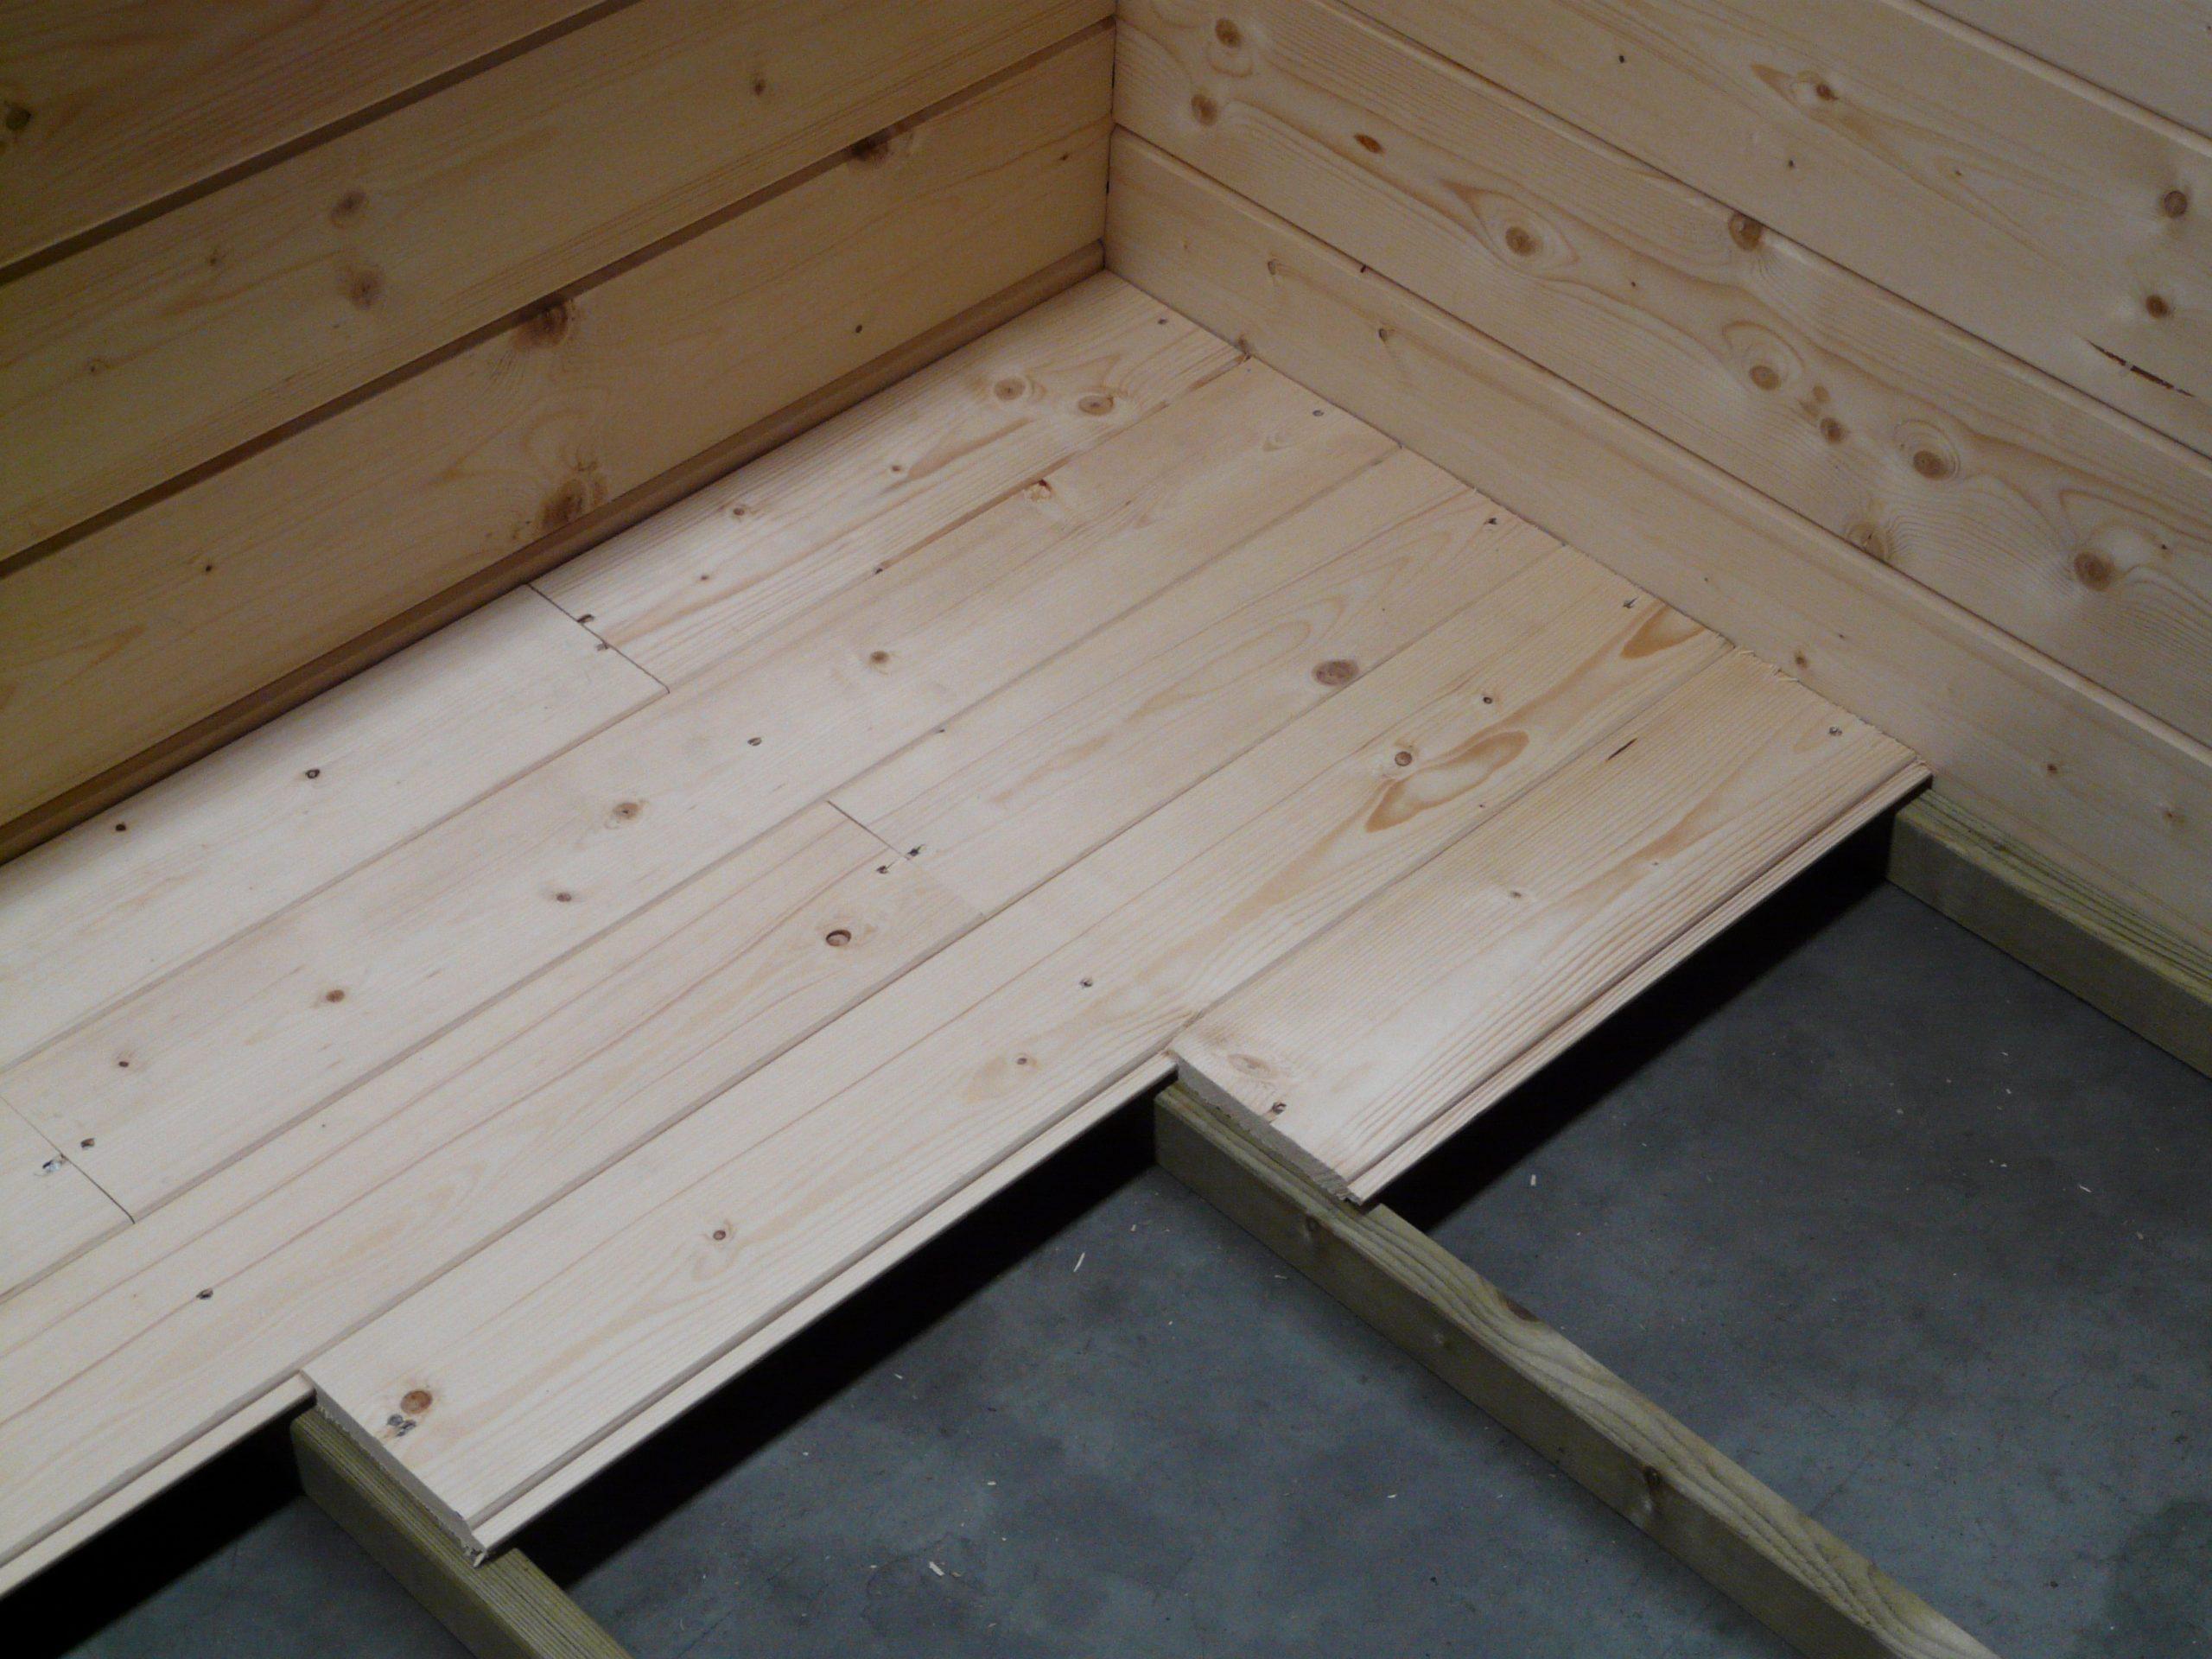 Plancher Pour Abri De Jardin 7,5 M² Solid - Mr.bricolage tout Plancher Abri De Jardin